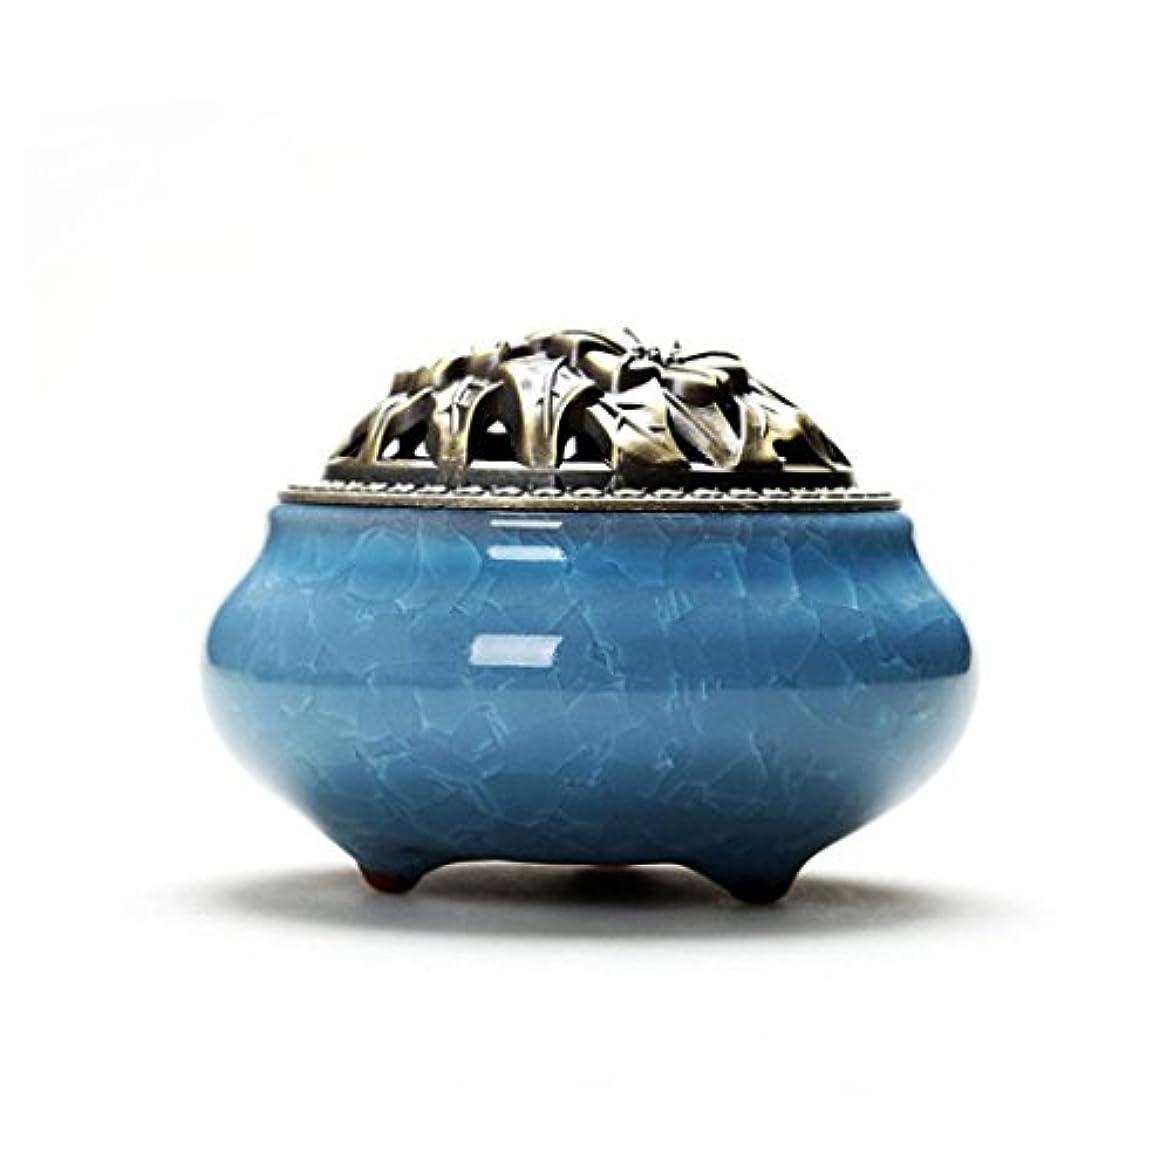 ふさわしいフェミニン怪しいAijoo 陶磁器 香炉 丸香炉 アロマ陶磁器 青磁 香立て付き アロマ アンティーク 渦巻き線香 アロマ などに 調選べる 9カラー